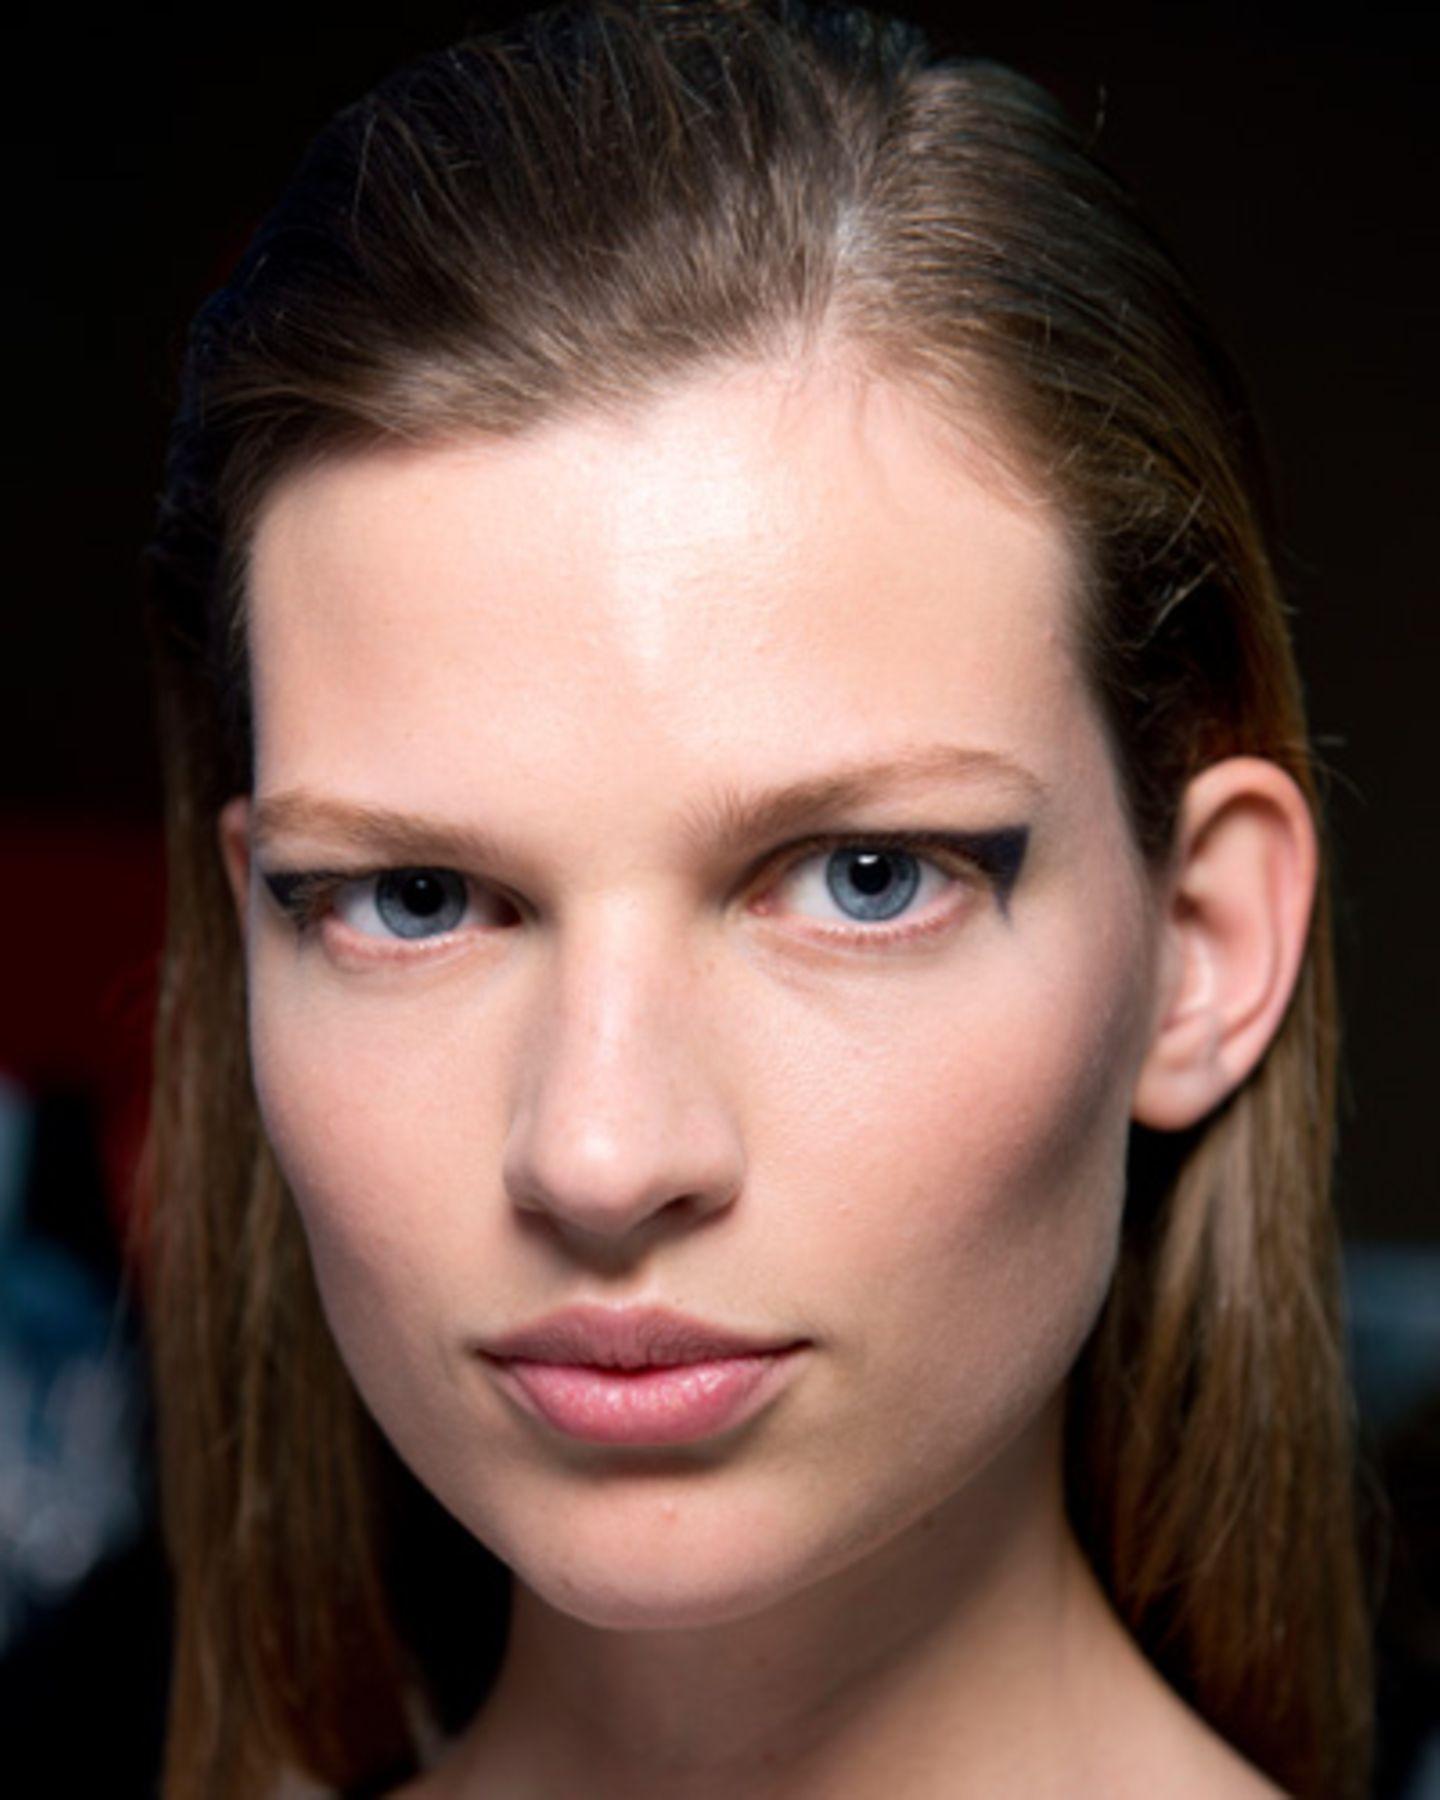 Damit die Models bei den Fashion Weeks nicht nur durch die Kleider auffallen, die sie über den Lauftsteg tragen, kreieren Make-up-Artists immer wieder neue Make-up-Trends. Die reichen vom zurückgenommenen Nude-Look bis hin zum knalligen Statement-Make-up. Lippen leuchten in Purpurrot und Koralle, mal glänzen sie nur in einem leichten Roséton. Augenlider werden mit grafischen Eyeliner-Linien bemalt oder mit Glitzerpigmenten zum Strahlen gebracht. Augenbrauen werden manchmal so stark betont, dass man einfach hinschauen muss. Im Frühjahr und Sommer haben zartere Farben wie Pastelltöne ihren großen Auftritt, im Herbst und Winter freuen wir uns dann wieder auf dunklere Nuancen wie blutrote Lippen. Schaut man sich die Bilder von den Schauen an, wirken diese Make-up-Trends manchmal vielleicht etwas übetrieben. Auf den Laufstegen darf es halt auffälliger zugehen. Und man muss diese Looks ja auch nicht 1:1 kopieren. Vielmehr sollte man diese Make-up-Trends als Inspiration verstehen. Wir zeigen euch unsere 100 Lieblings-Make-up-Trends. Viel Spaß!